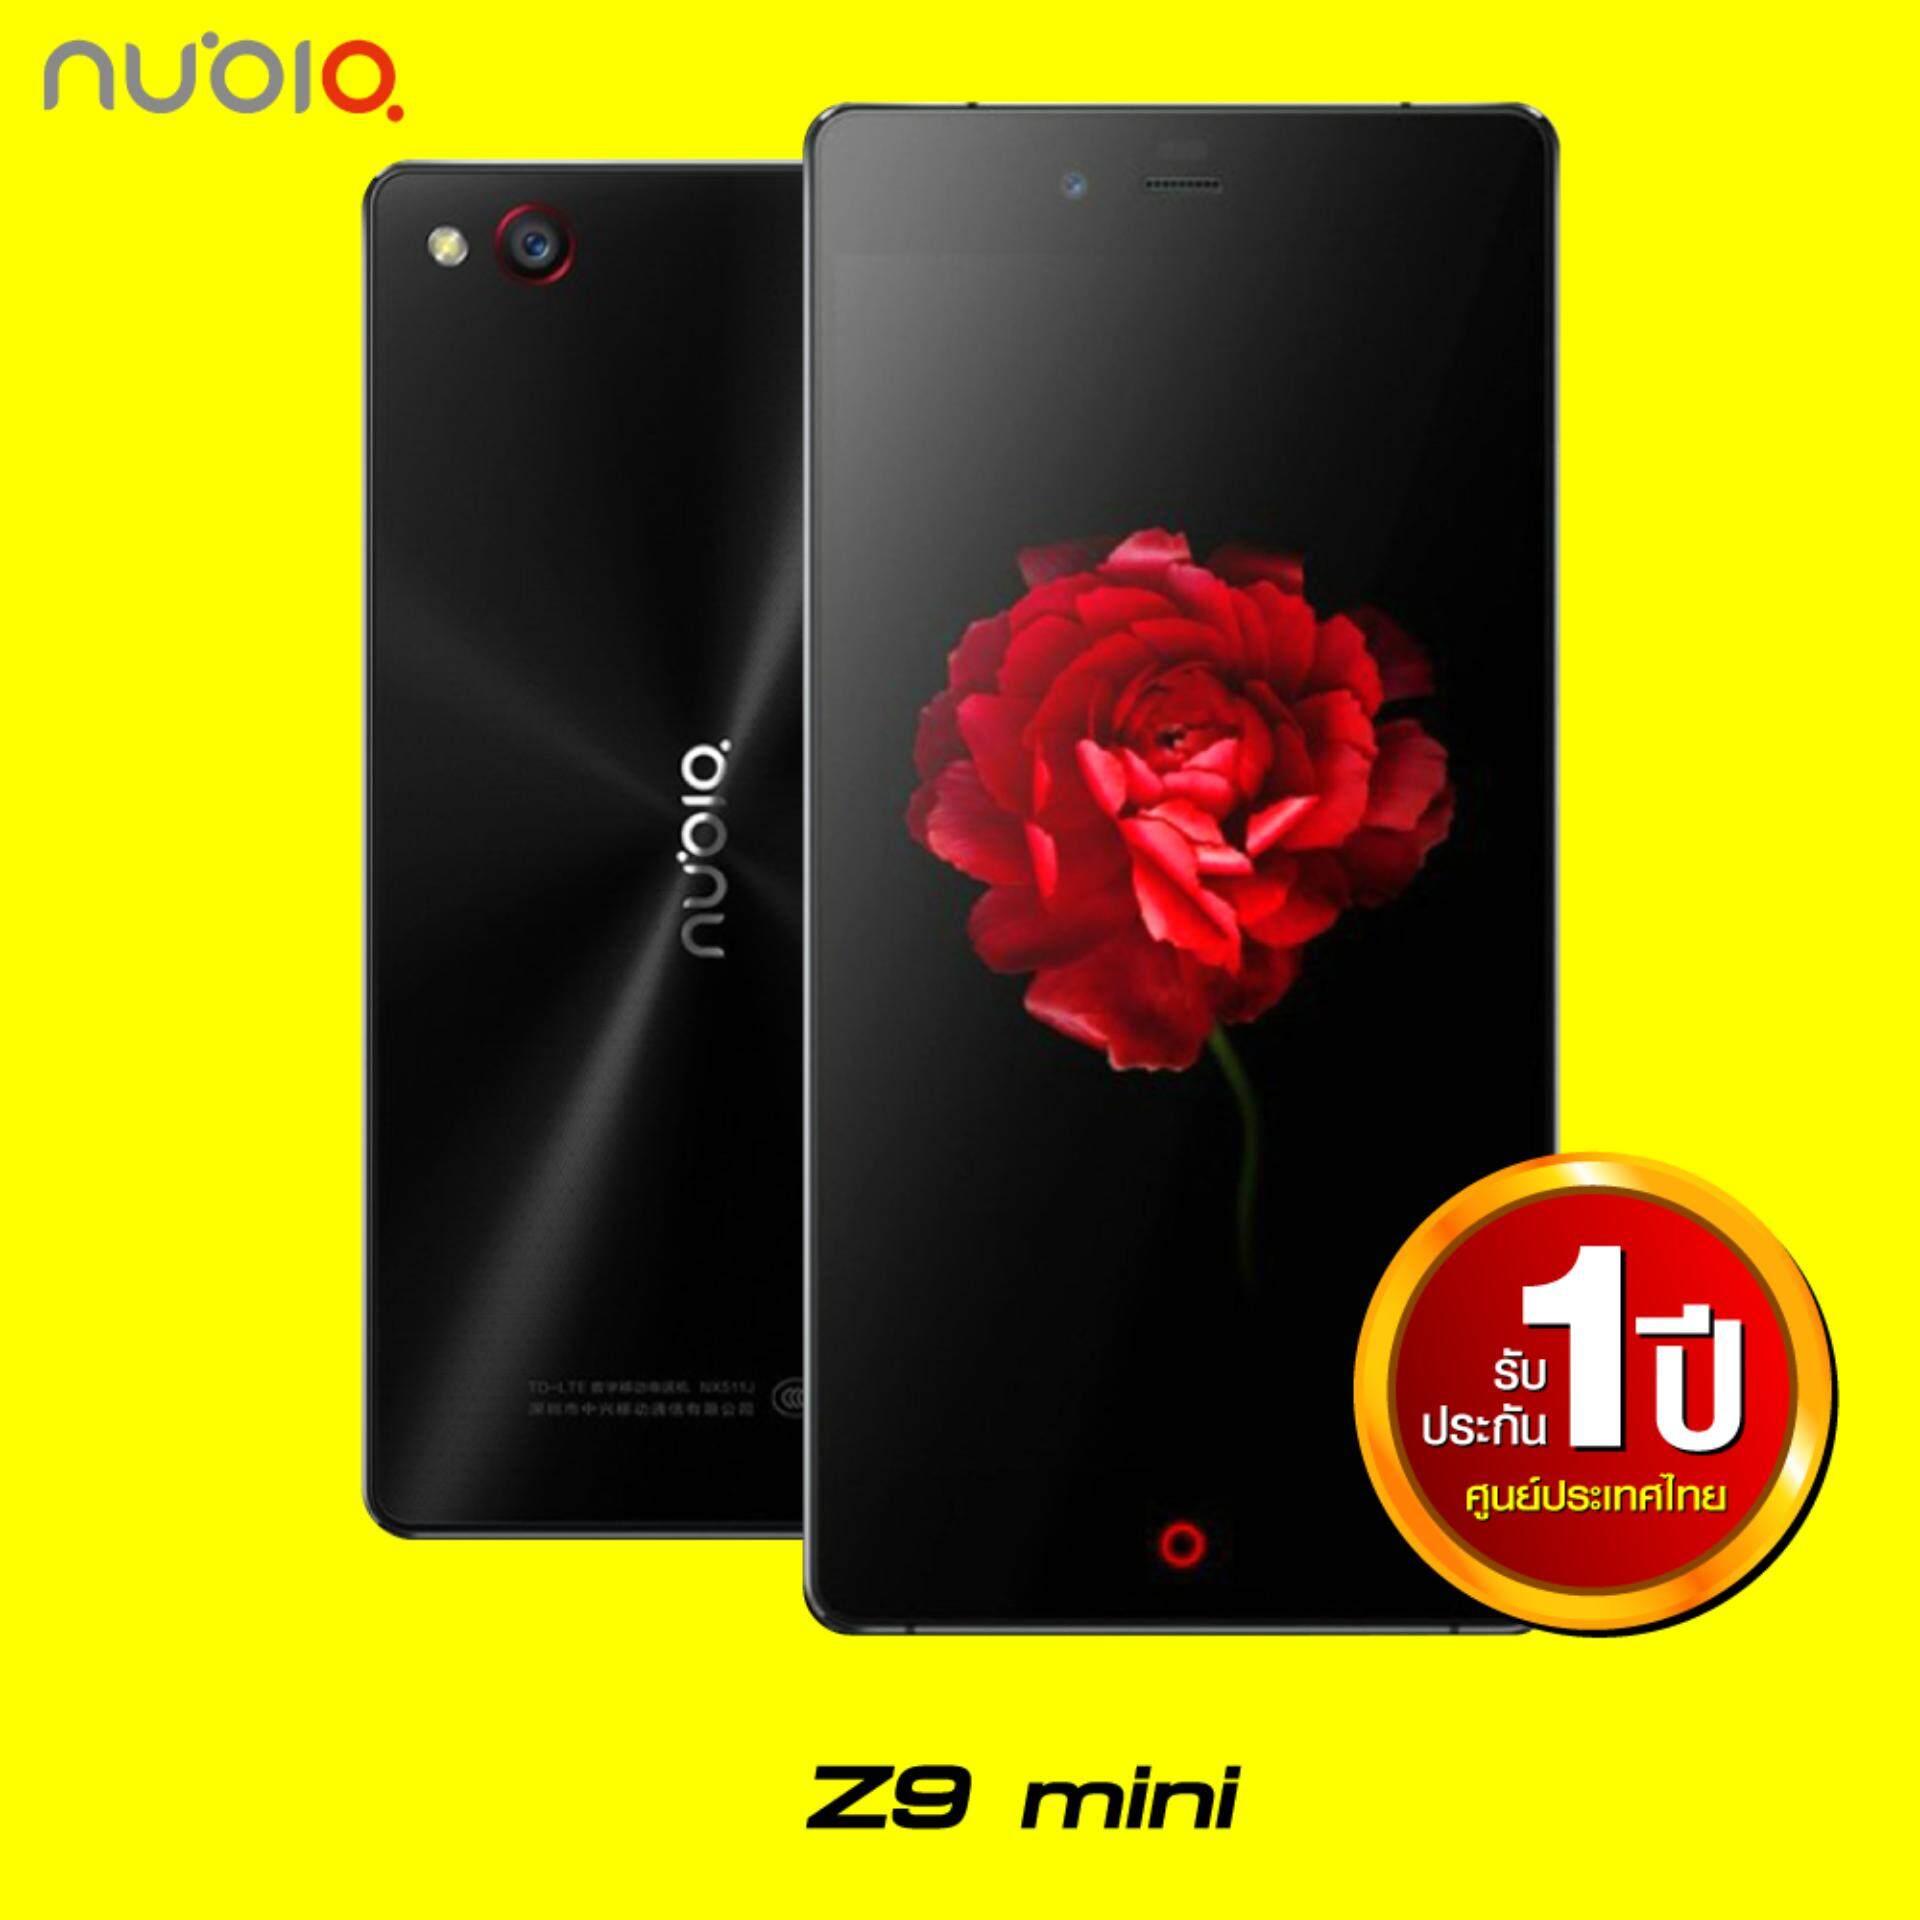 ทบทวน ที่สุด Nubia Z9 Mini 2 16Gb รับประกันศูนย์ไทย 1 ปีเต็ม